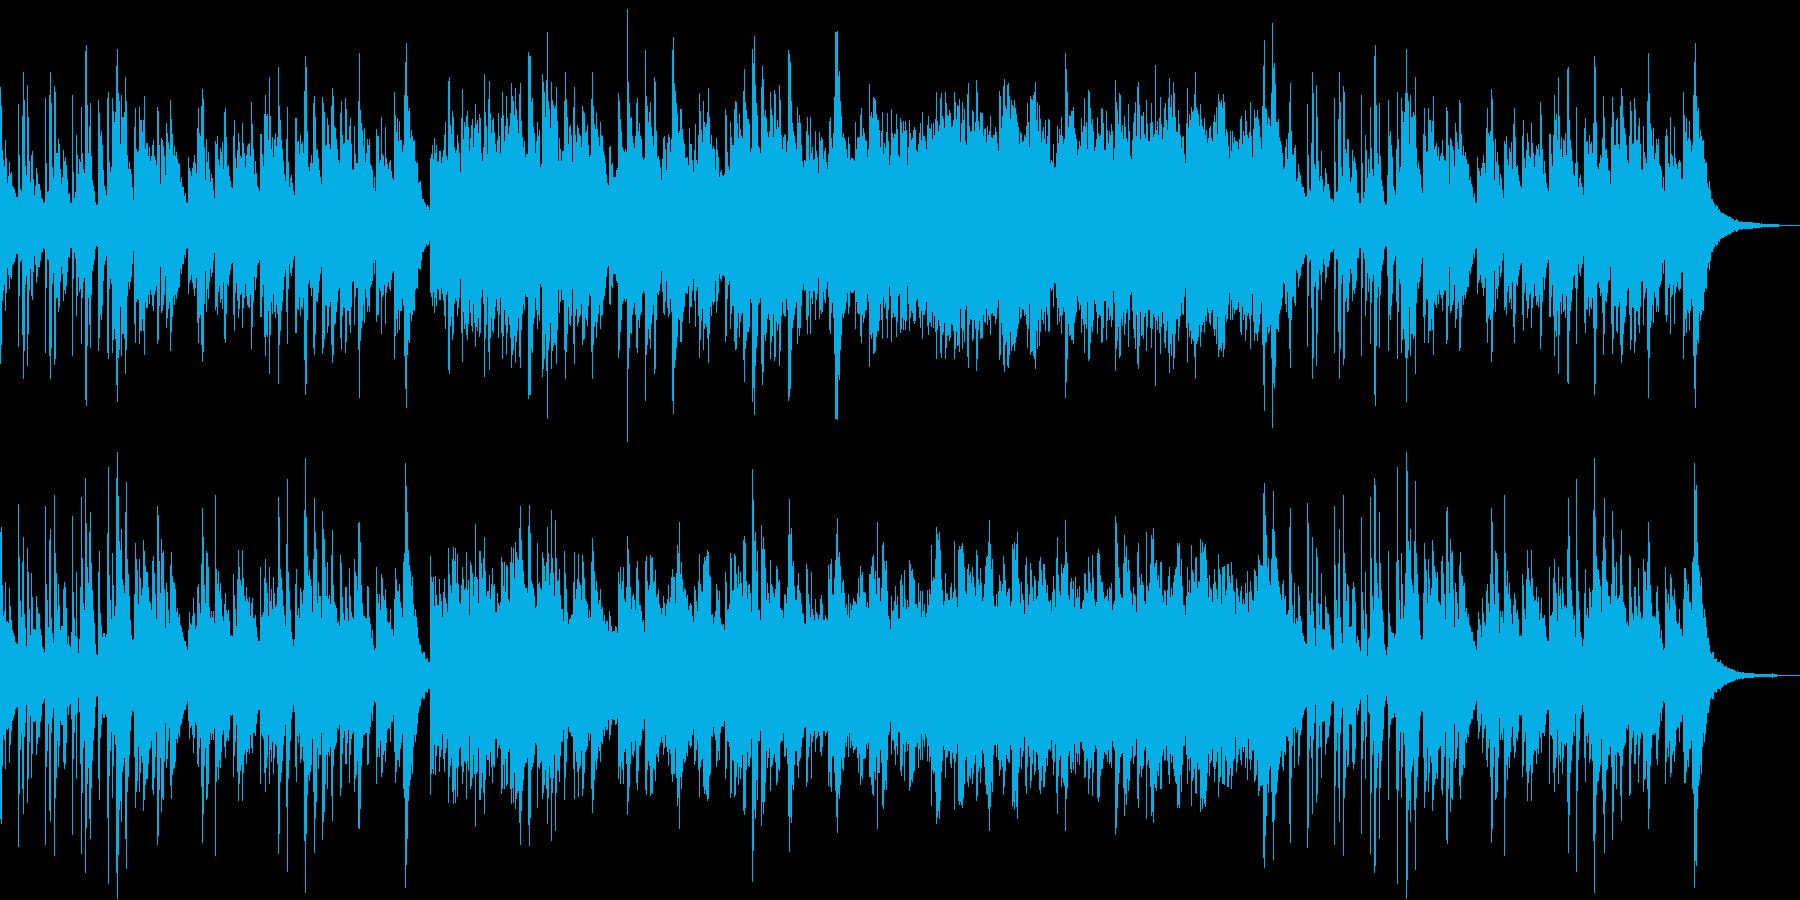 とある漫画の1シーンを想定して作りまし…の再生済みの波形